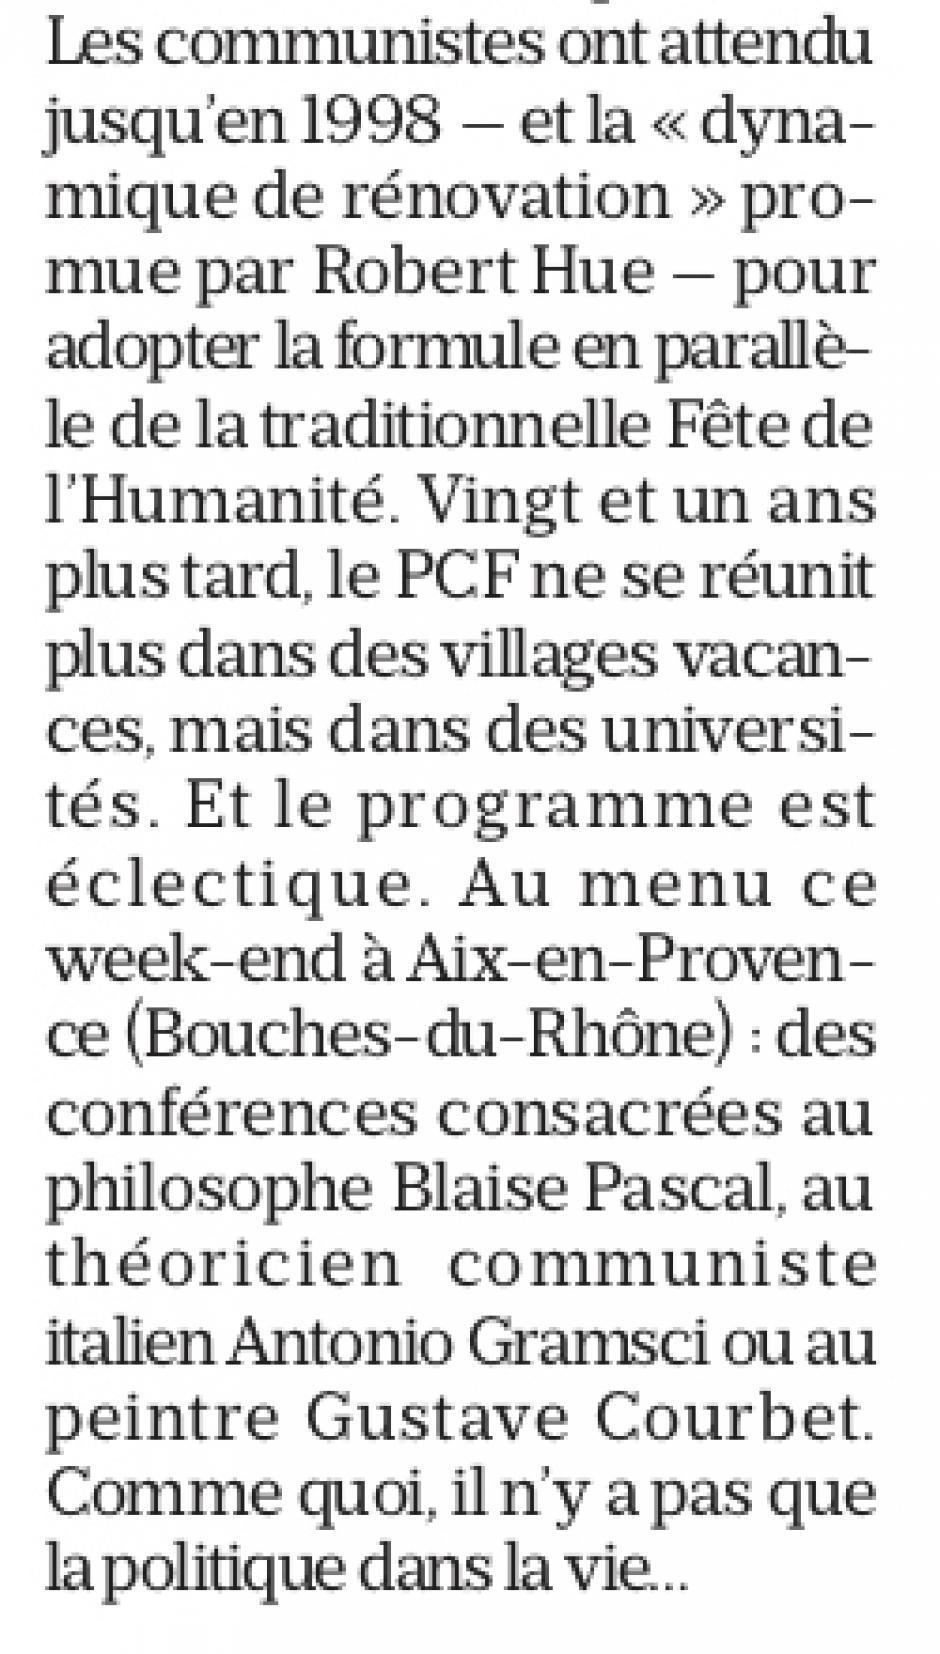 20190825-LeP-France-La saga des universités d'été [extrait]